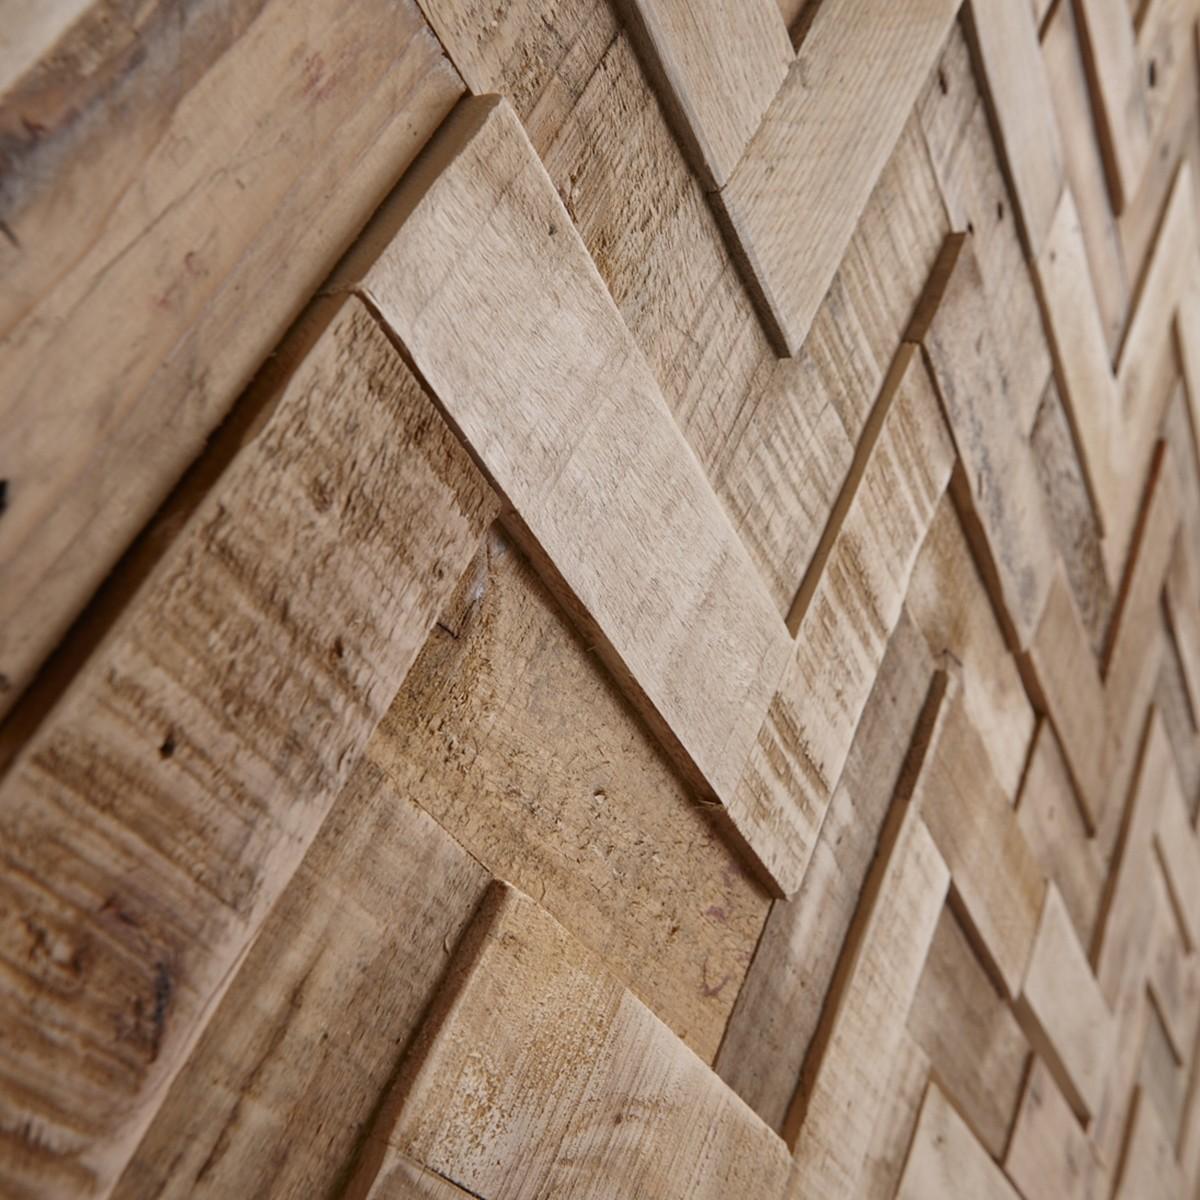 Panouri decorative din lemn reciclat Reclaimed - Herringbone -8 plăci 21.5x50.5cm